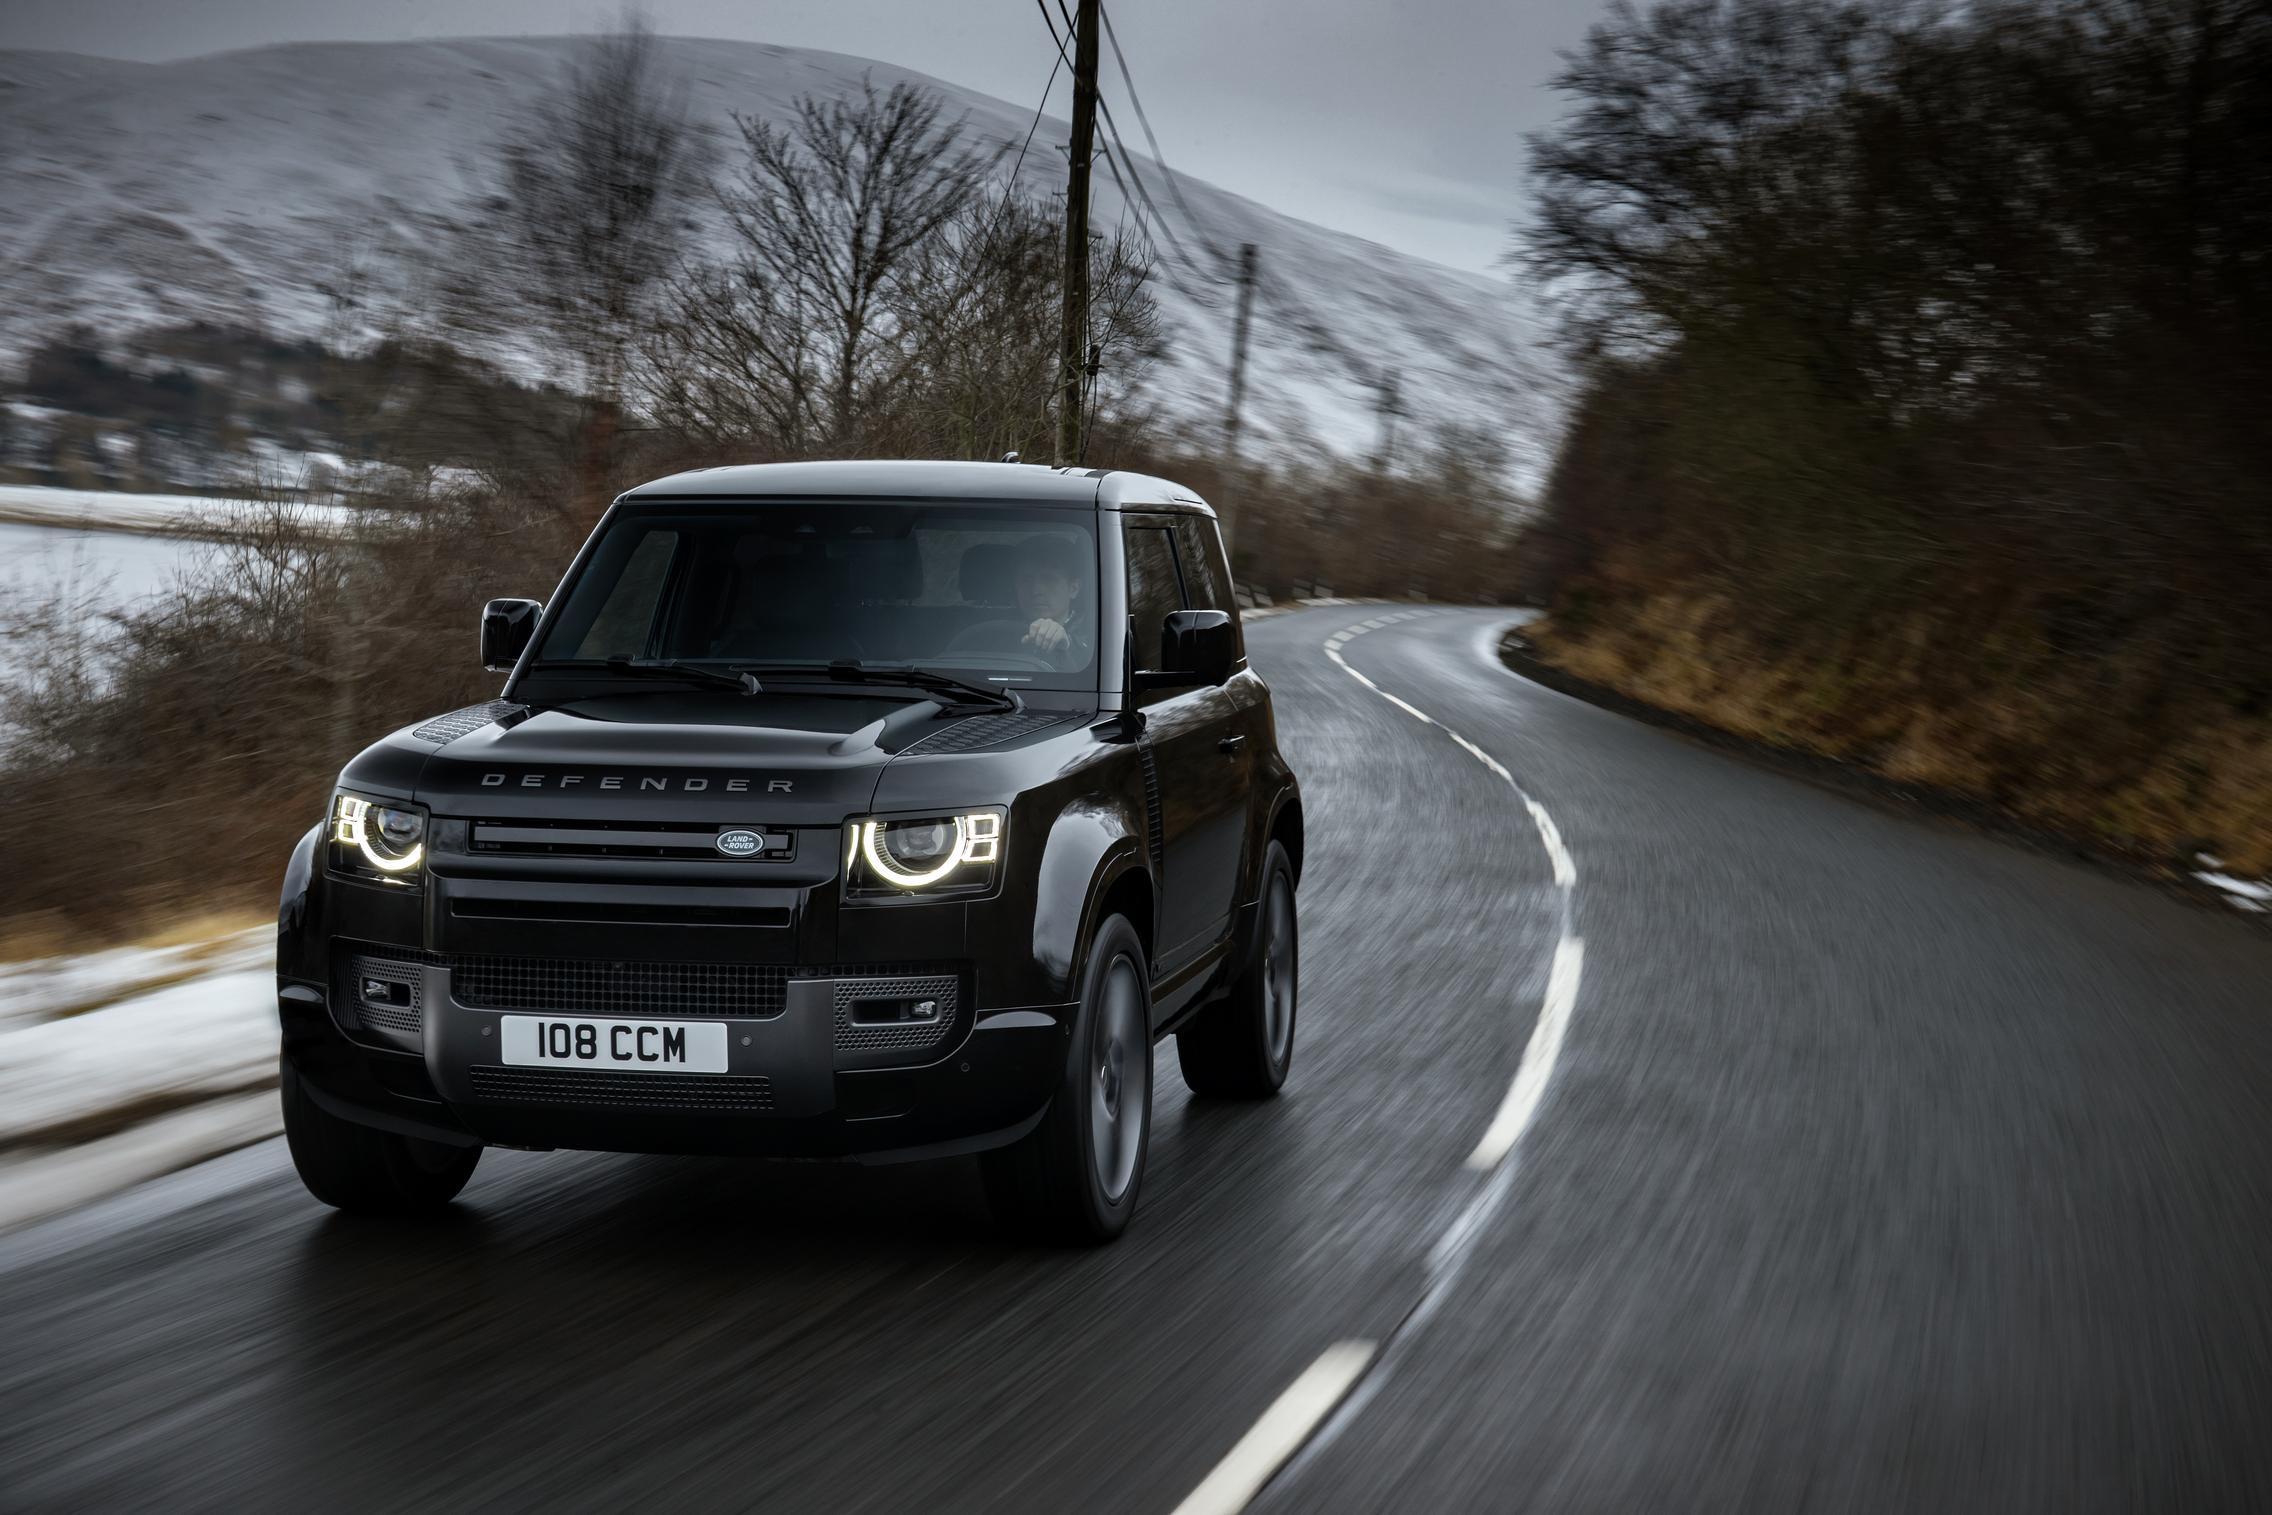 Land Rover Defender 90 V8 specs